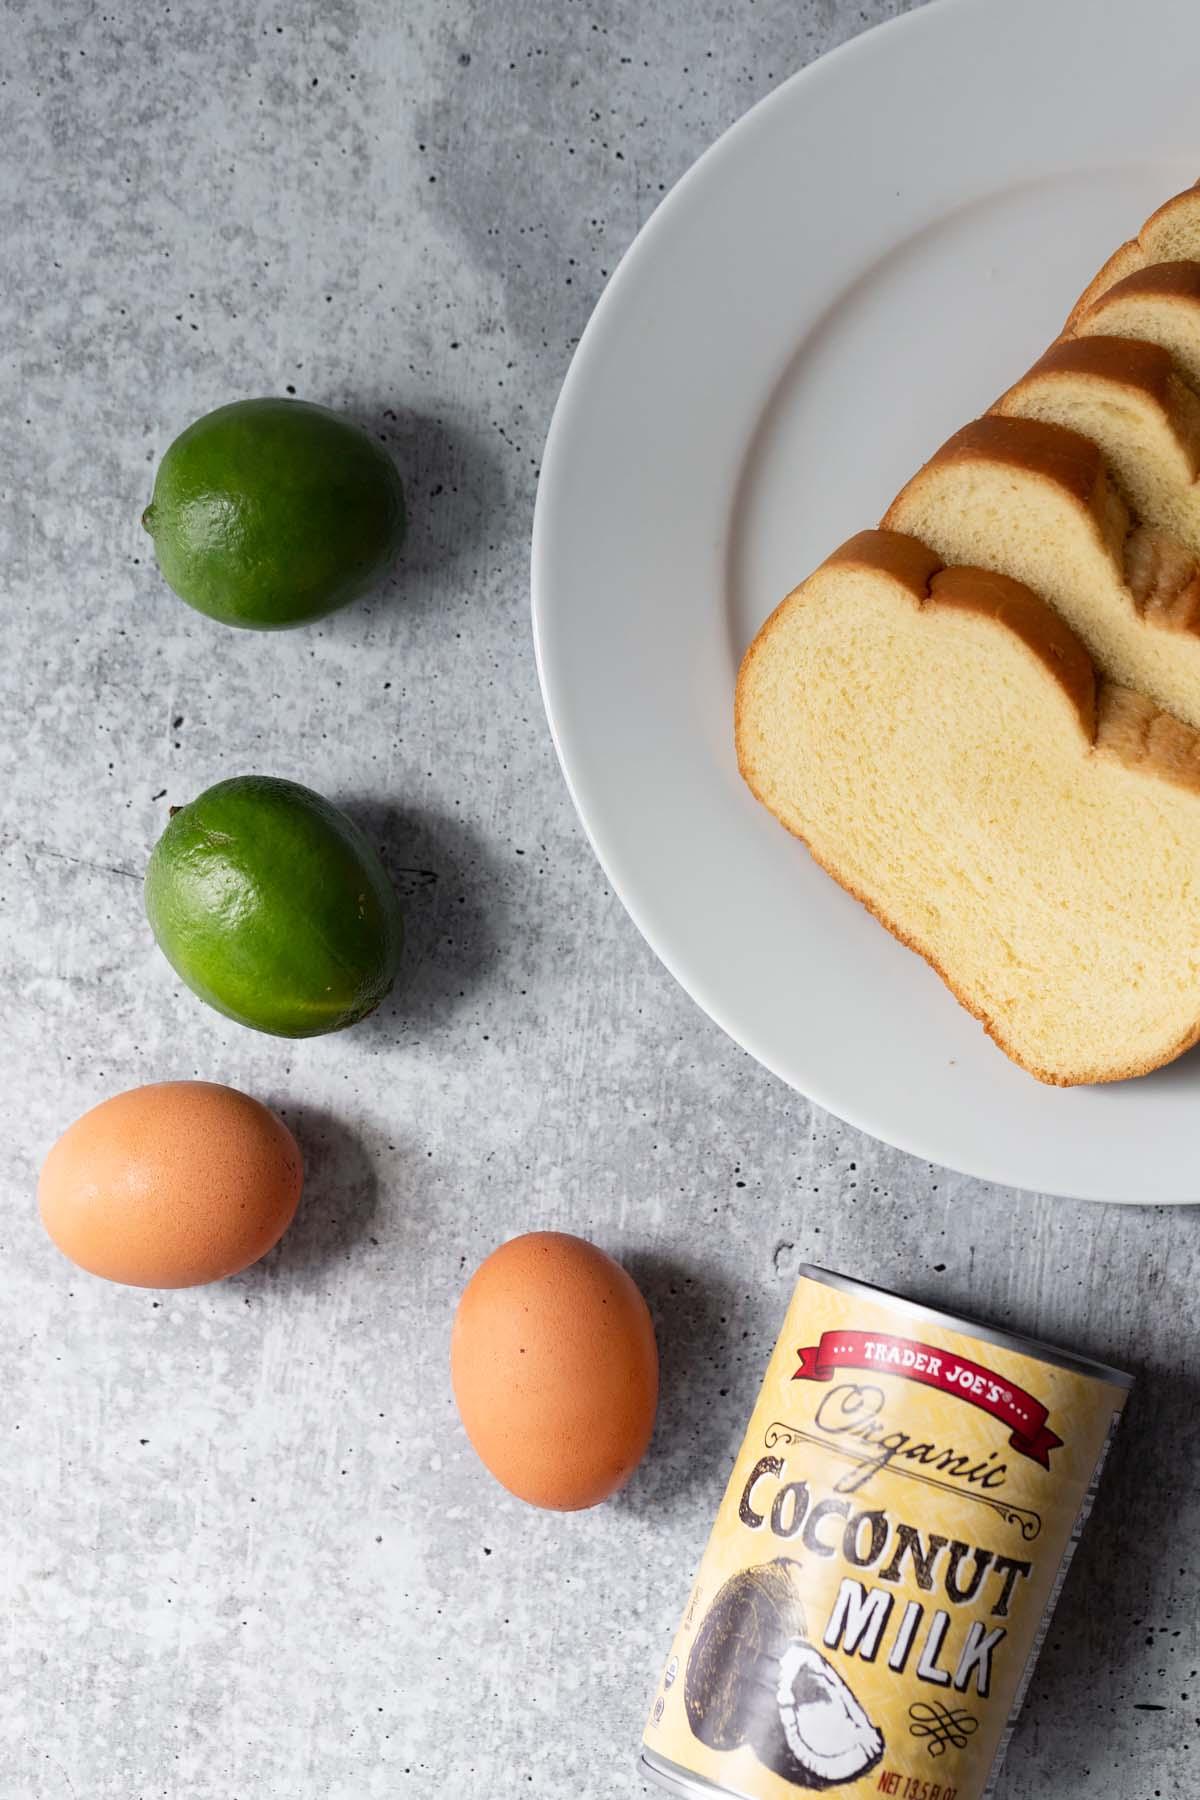 brioche bread, limes, eggs, and a can of coconut milk